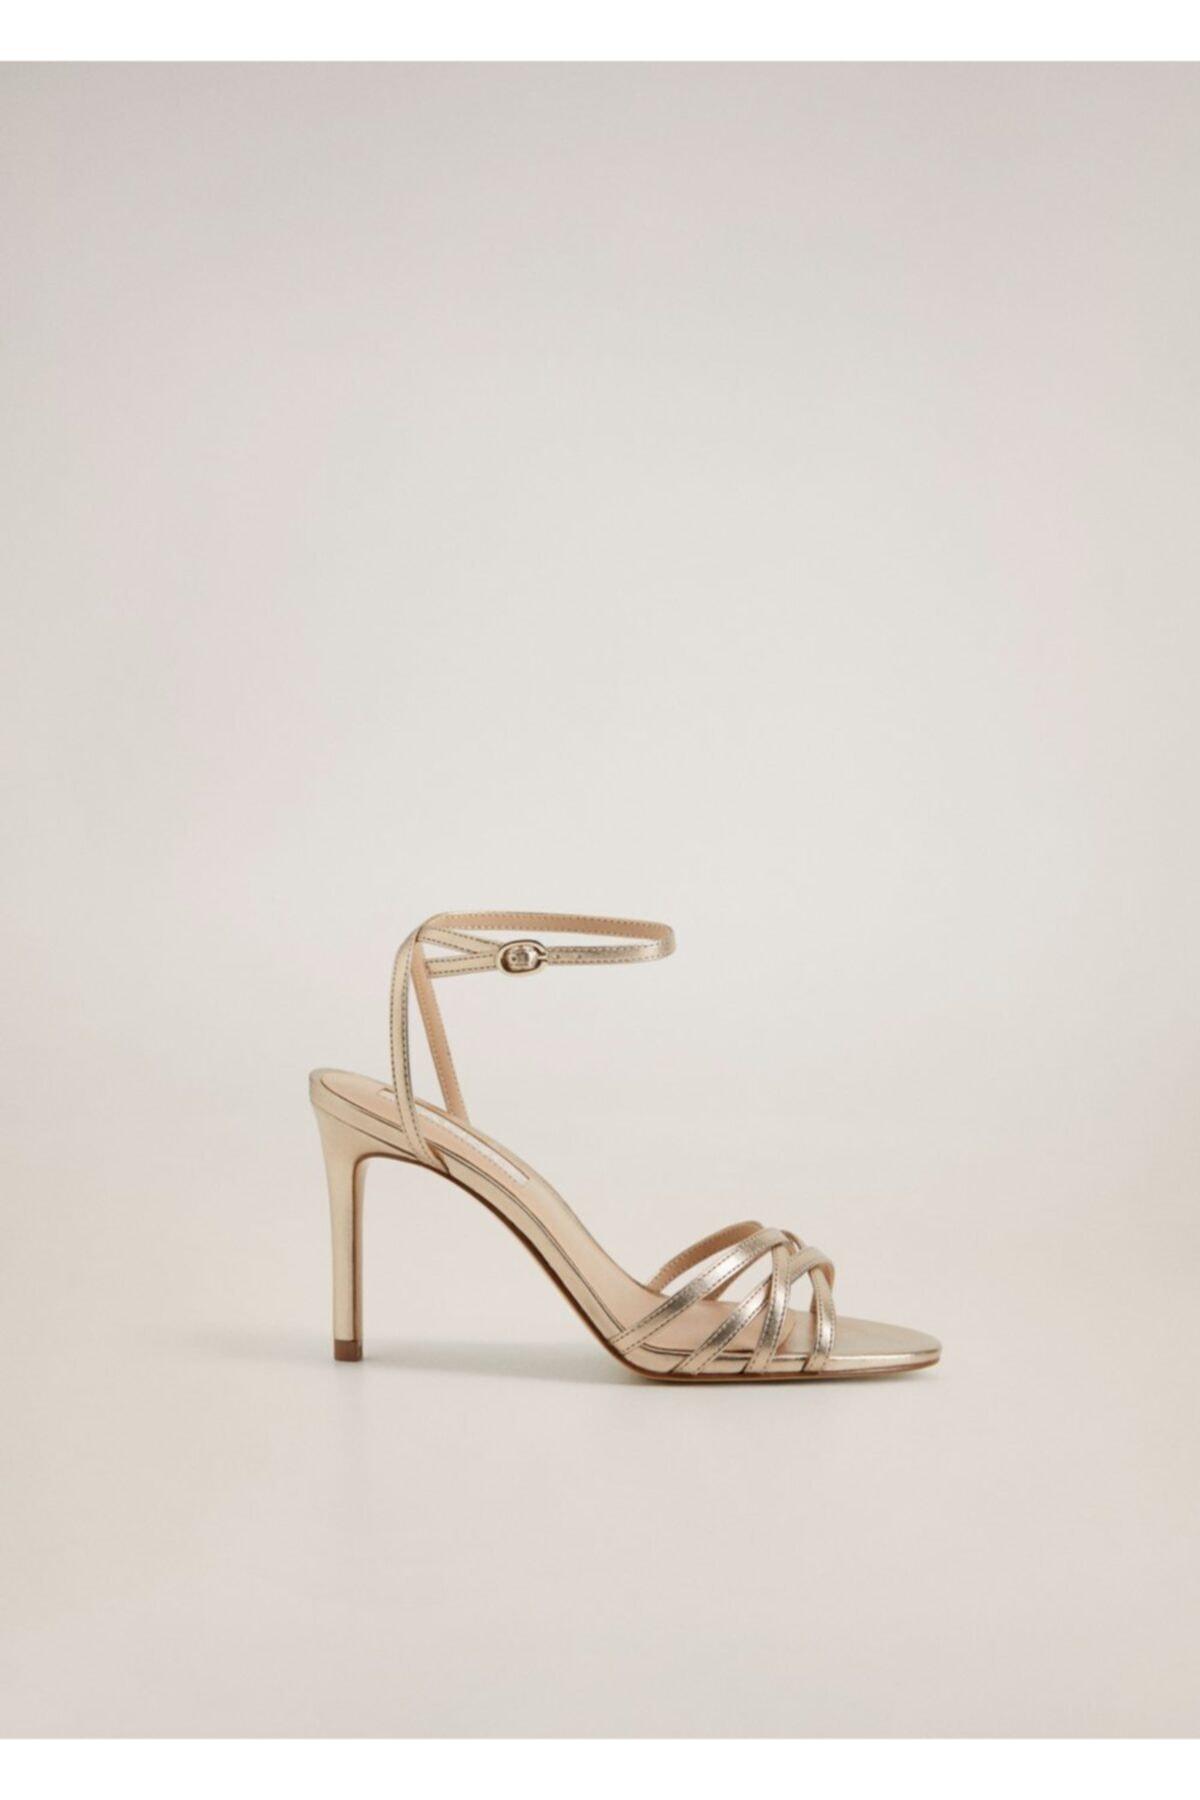 MANGO Woman Kadın Altın Sarısı Metalik Bantlı Sandalet 77040038 1